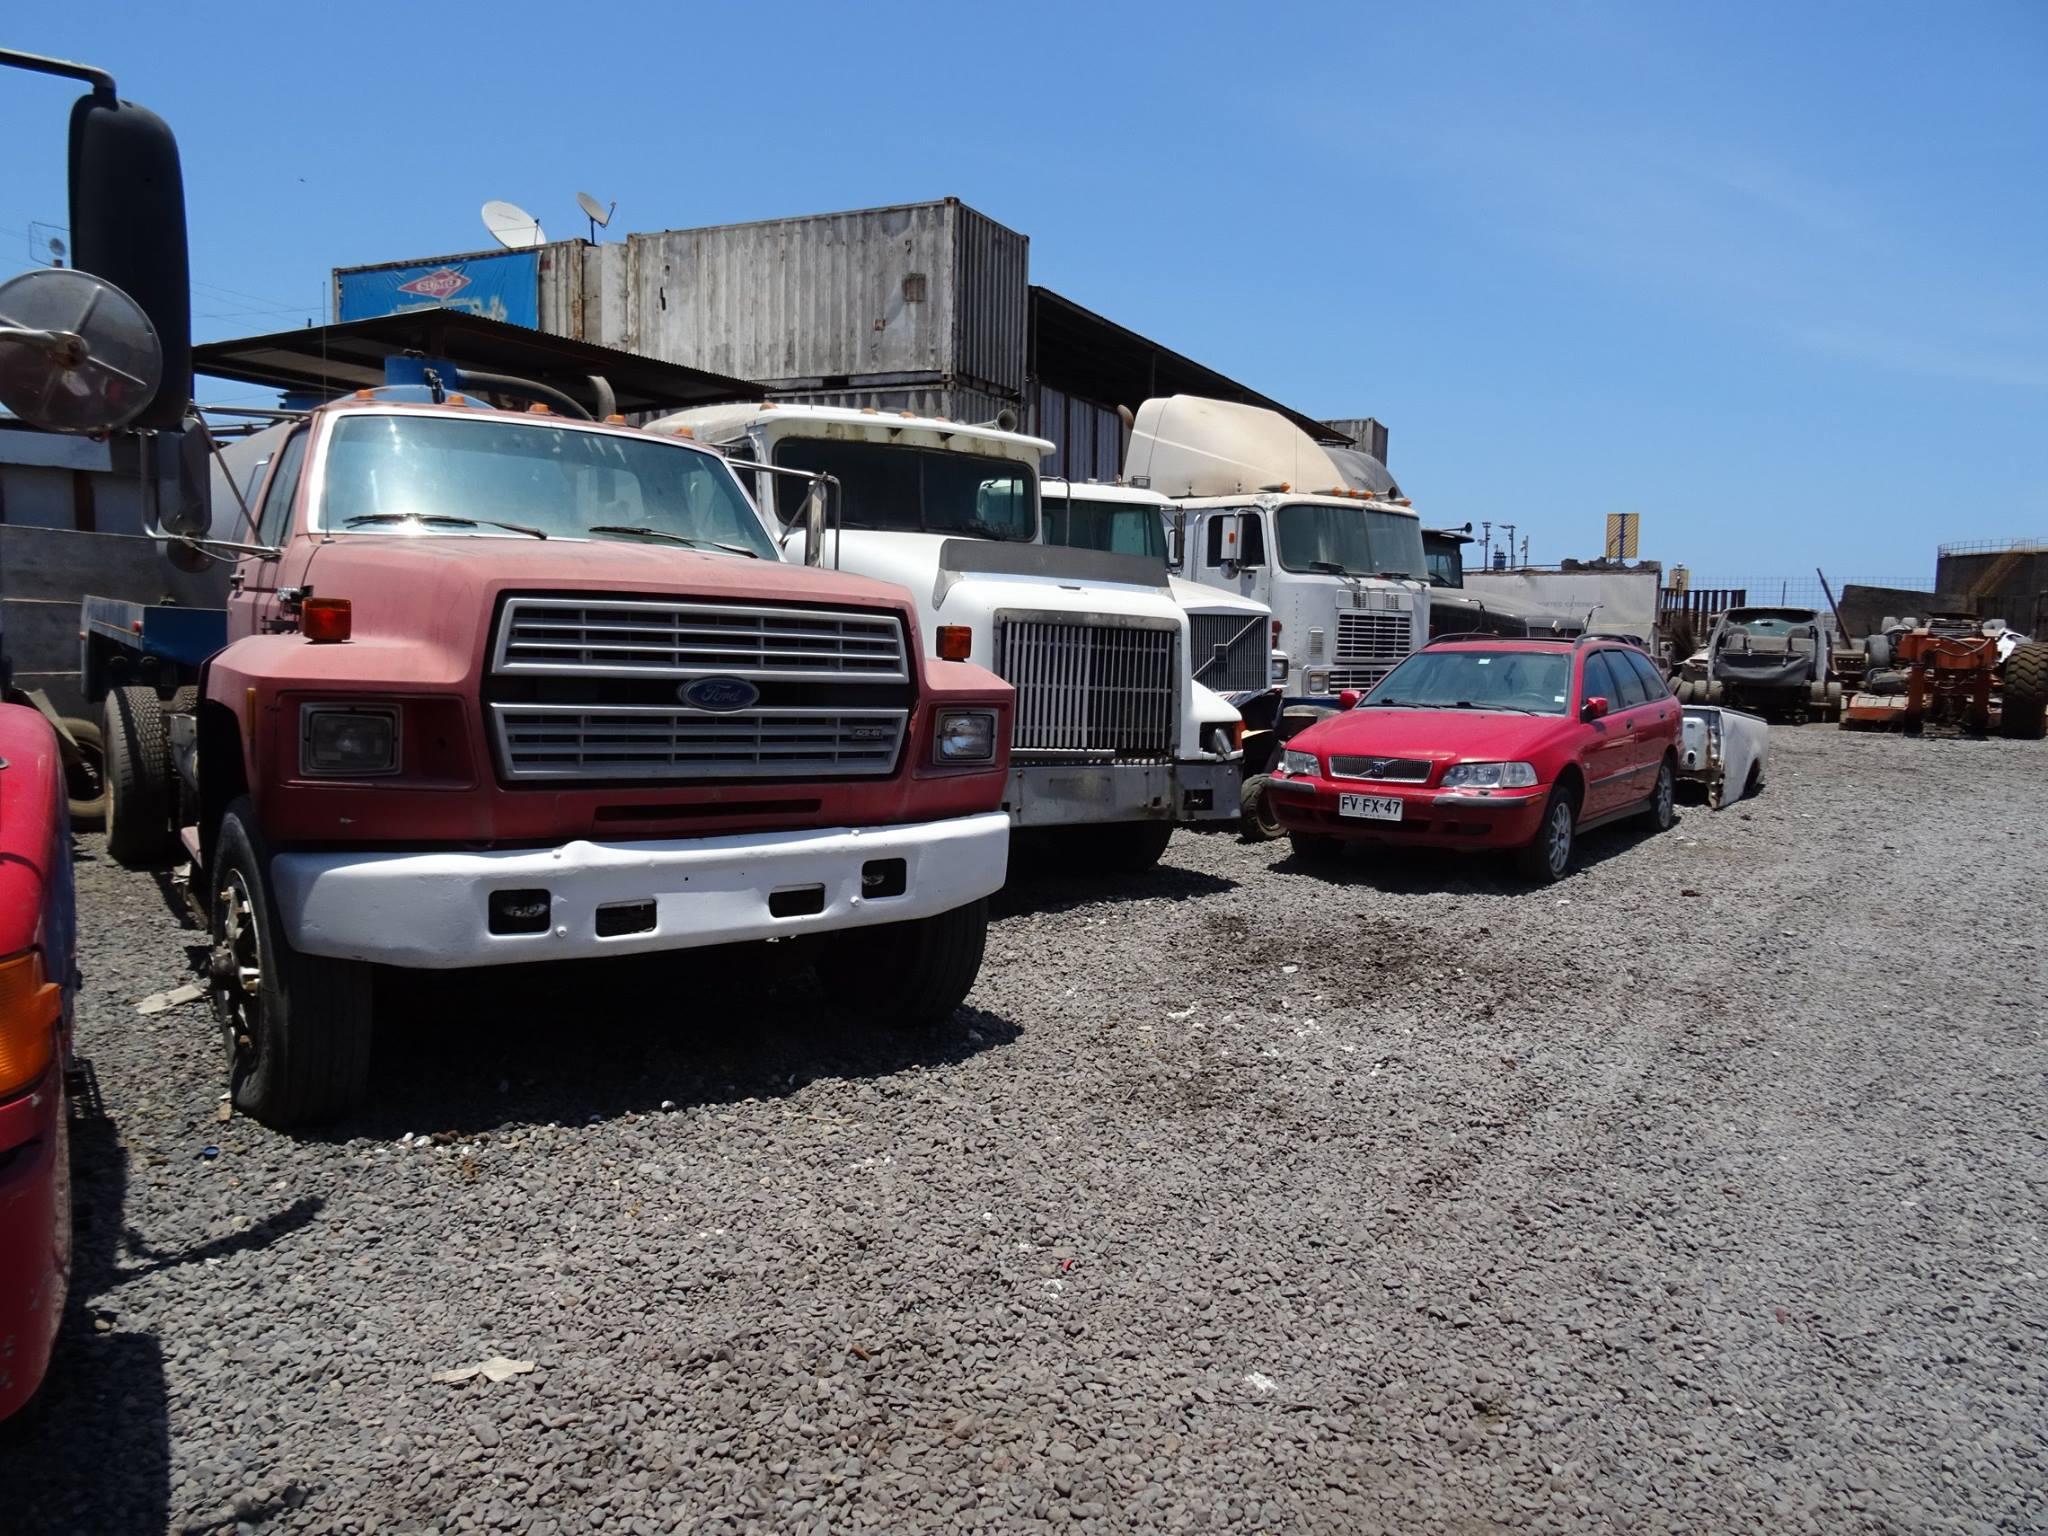 Camiones-vieja-escuela-olvidados-109